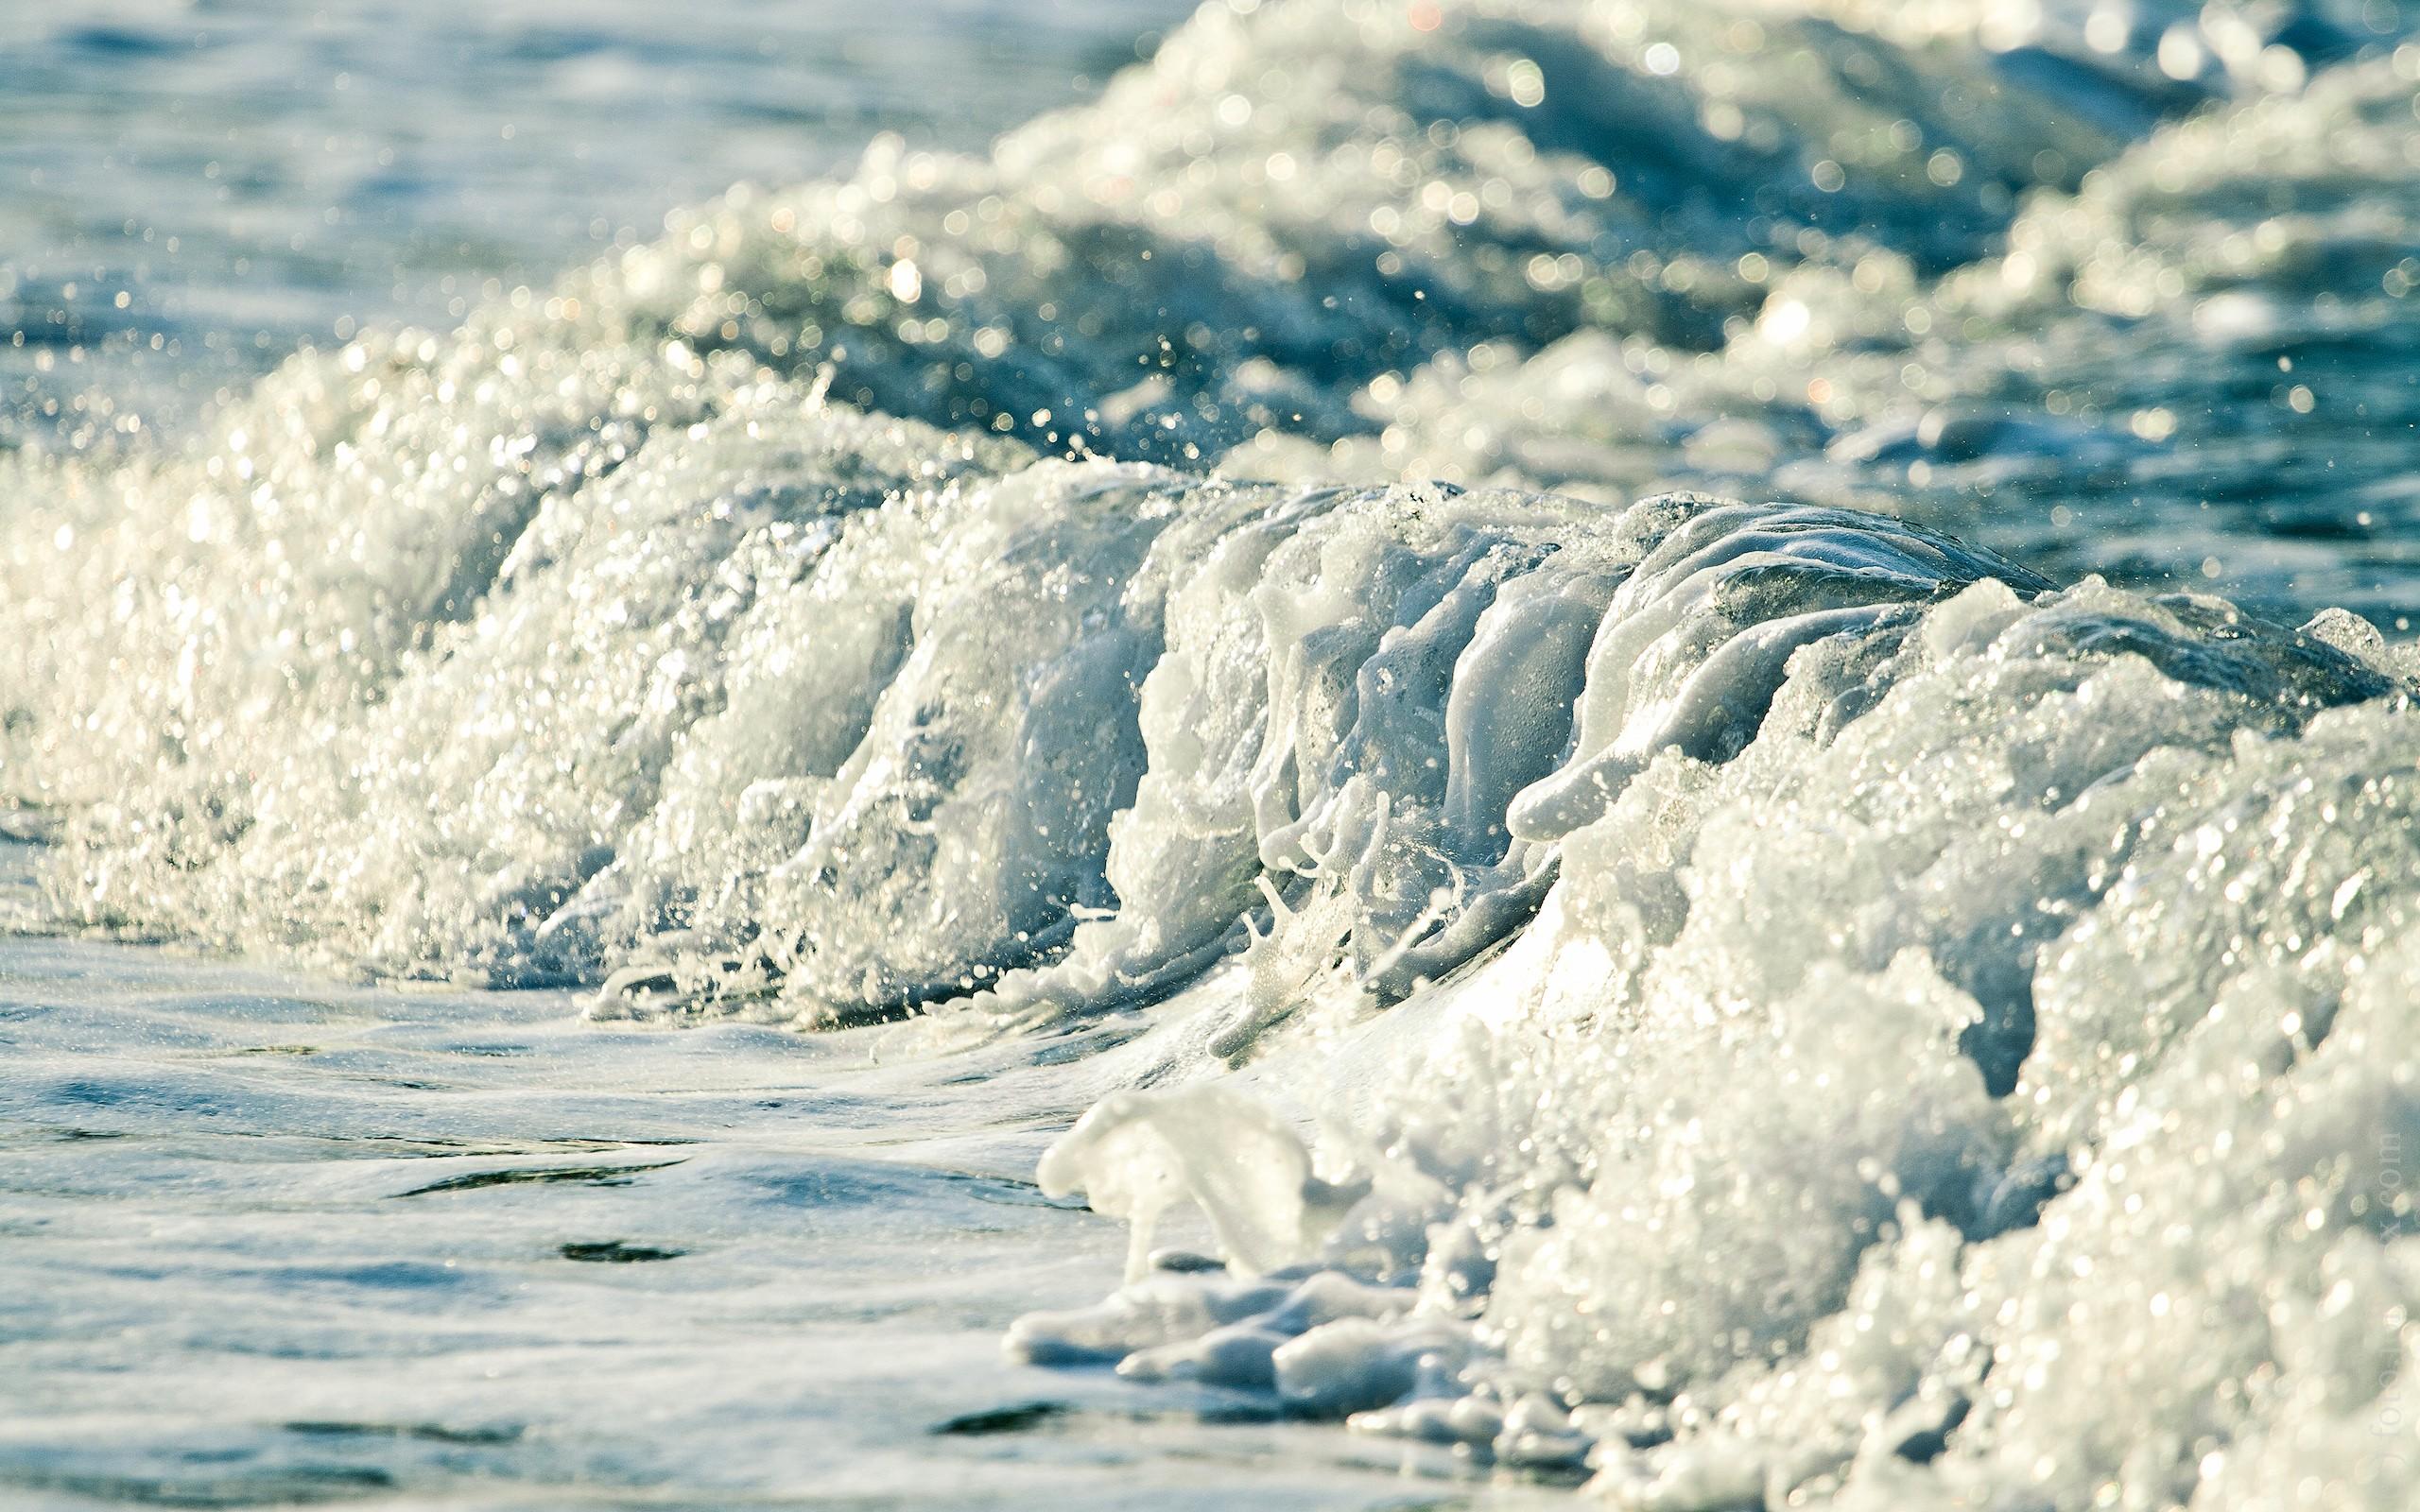 sea foam wave